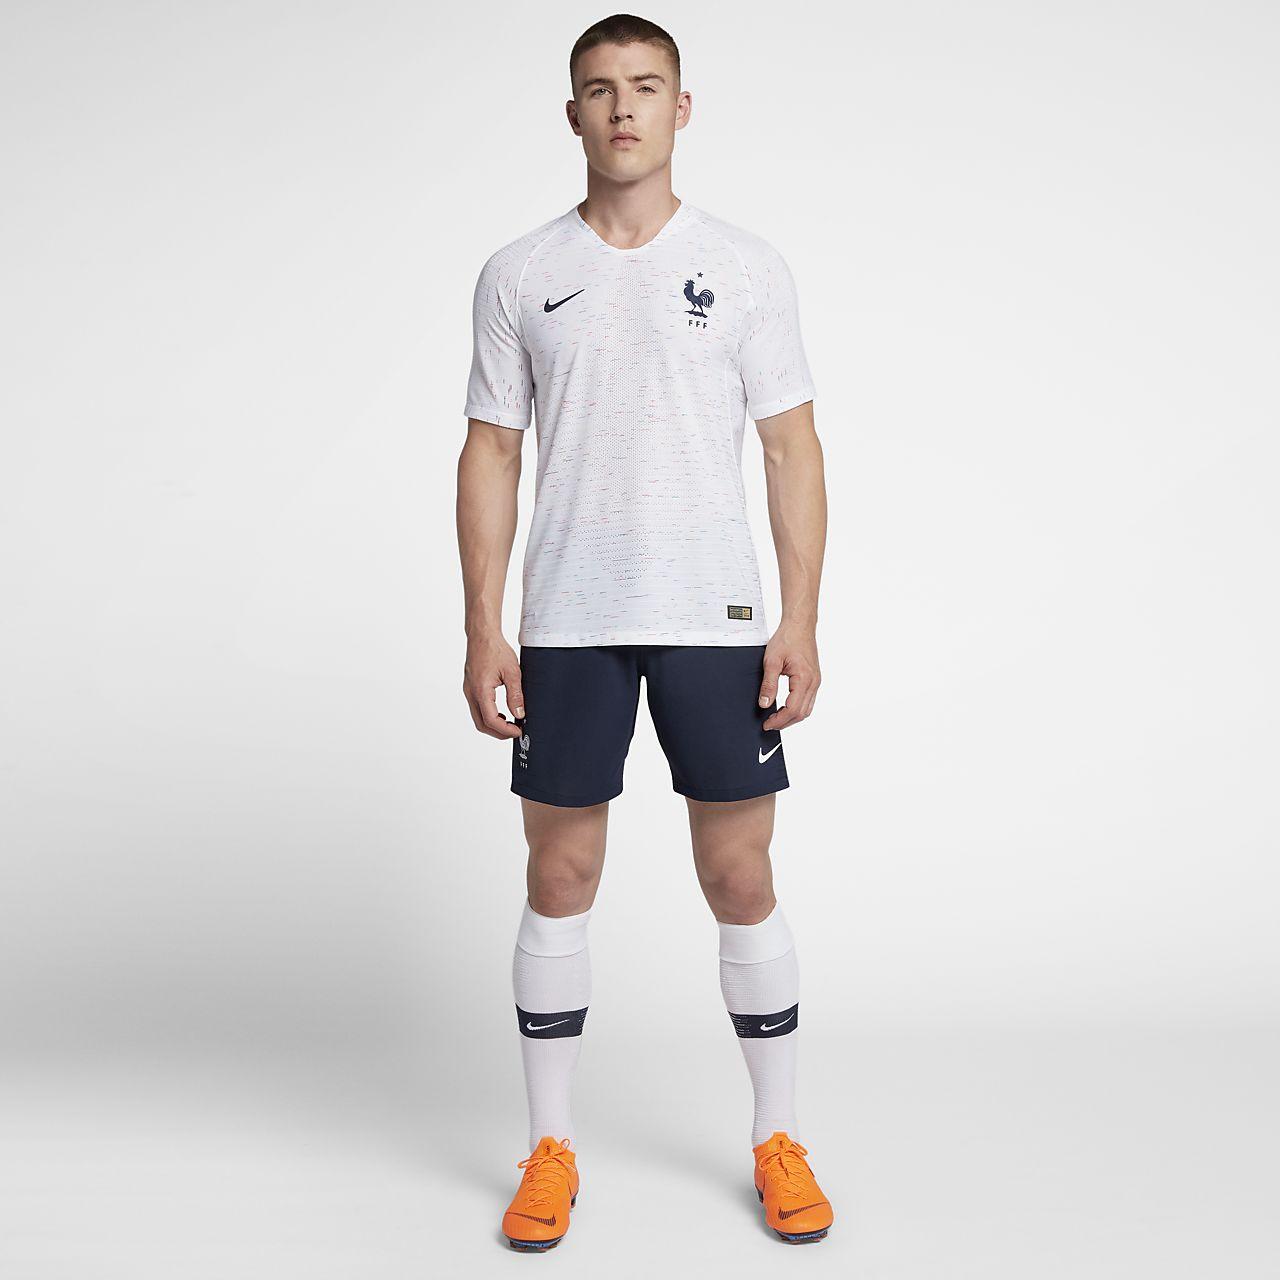 a5cff898 2018 FFF Vapor Match Away Men's Football Shorts. Nike.com SI